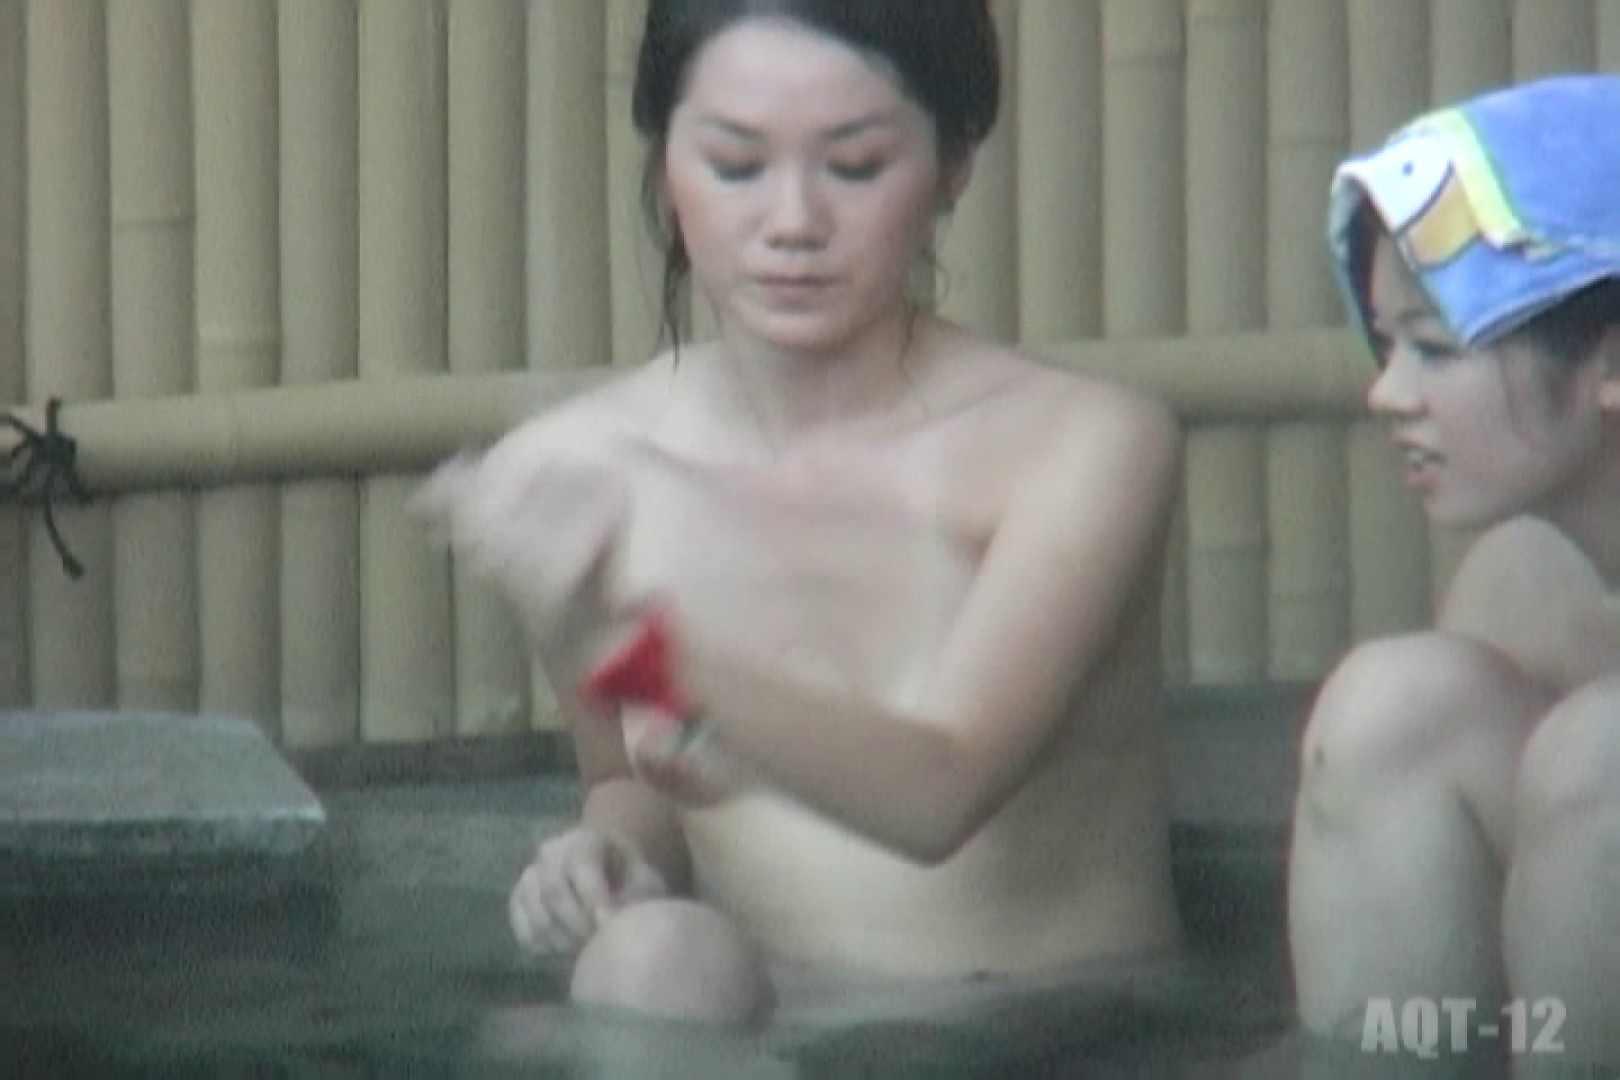 Aquaな露天風呂Vol.812 盗撮 | OLのエロ生活  85連発 43